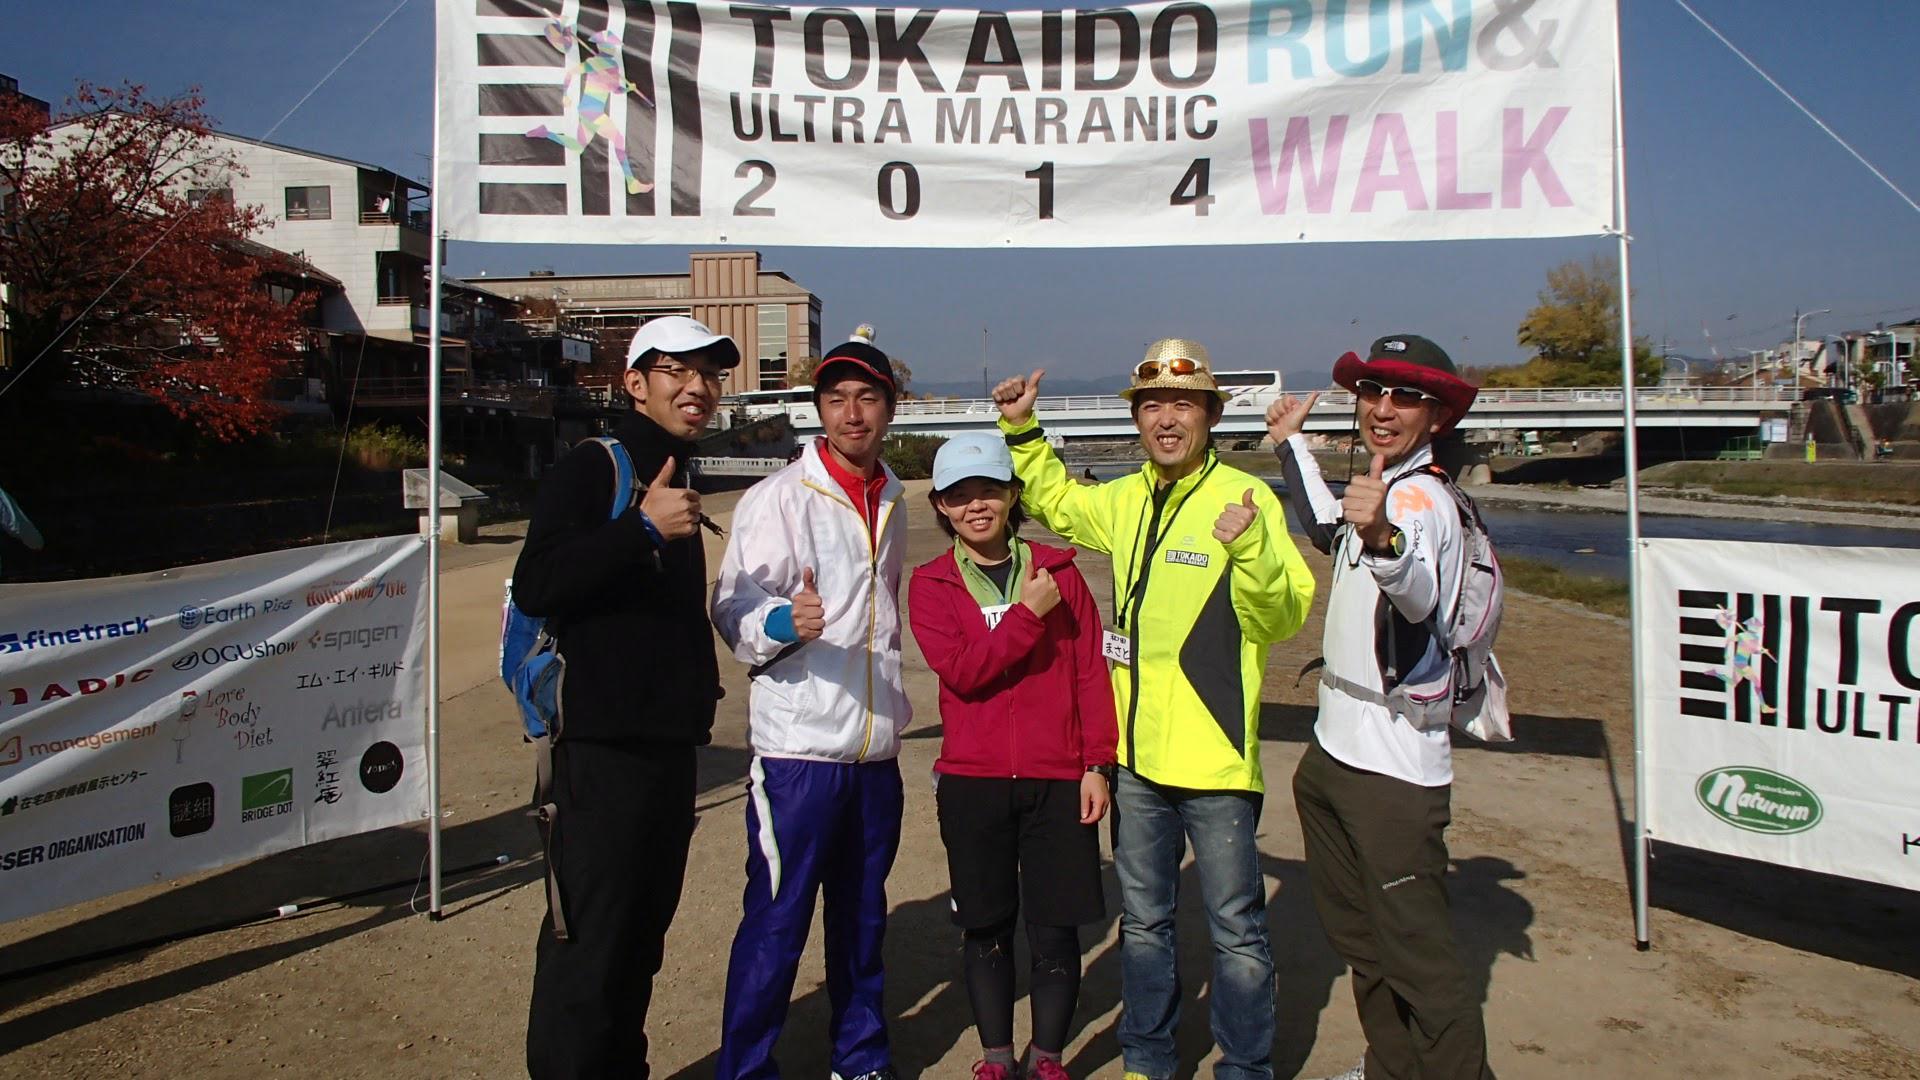 東海道五十三次ウルトラマラニック